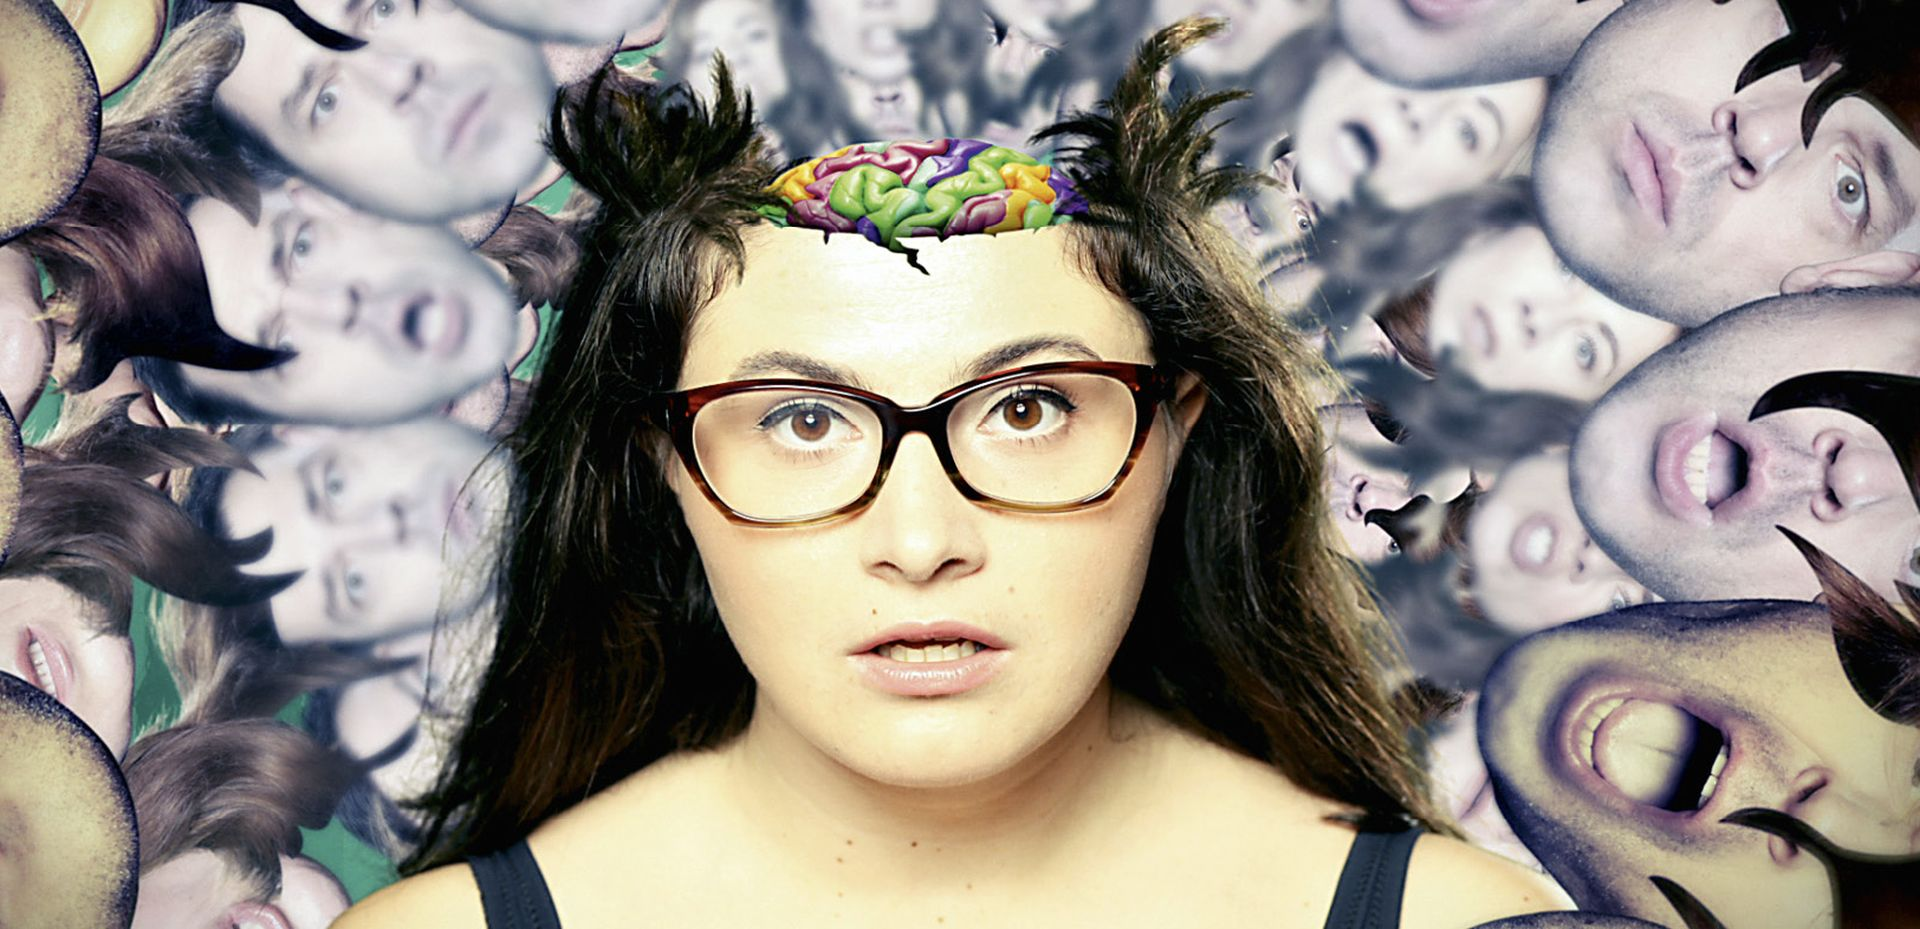 Serija 'Nemoj nikome reći' razotkriva kaotičan svijet hrvatskih tinejdžera